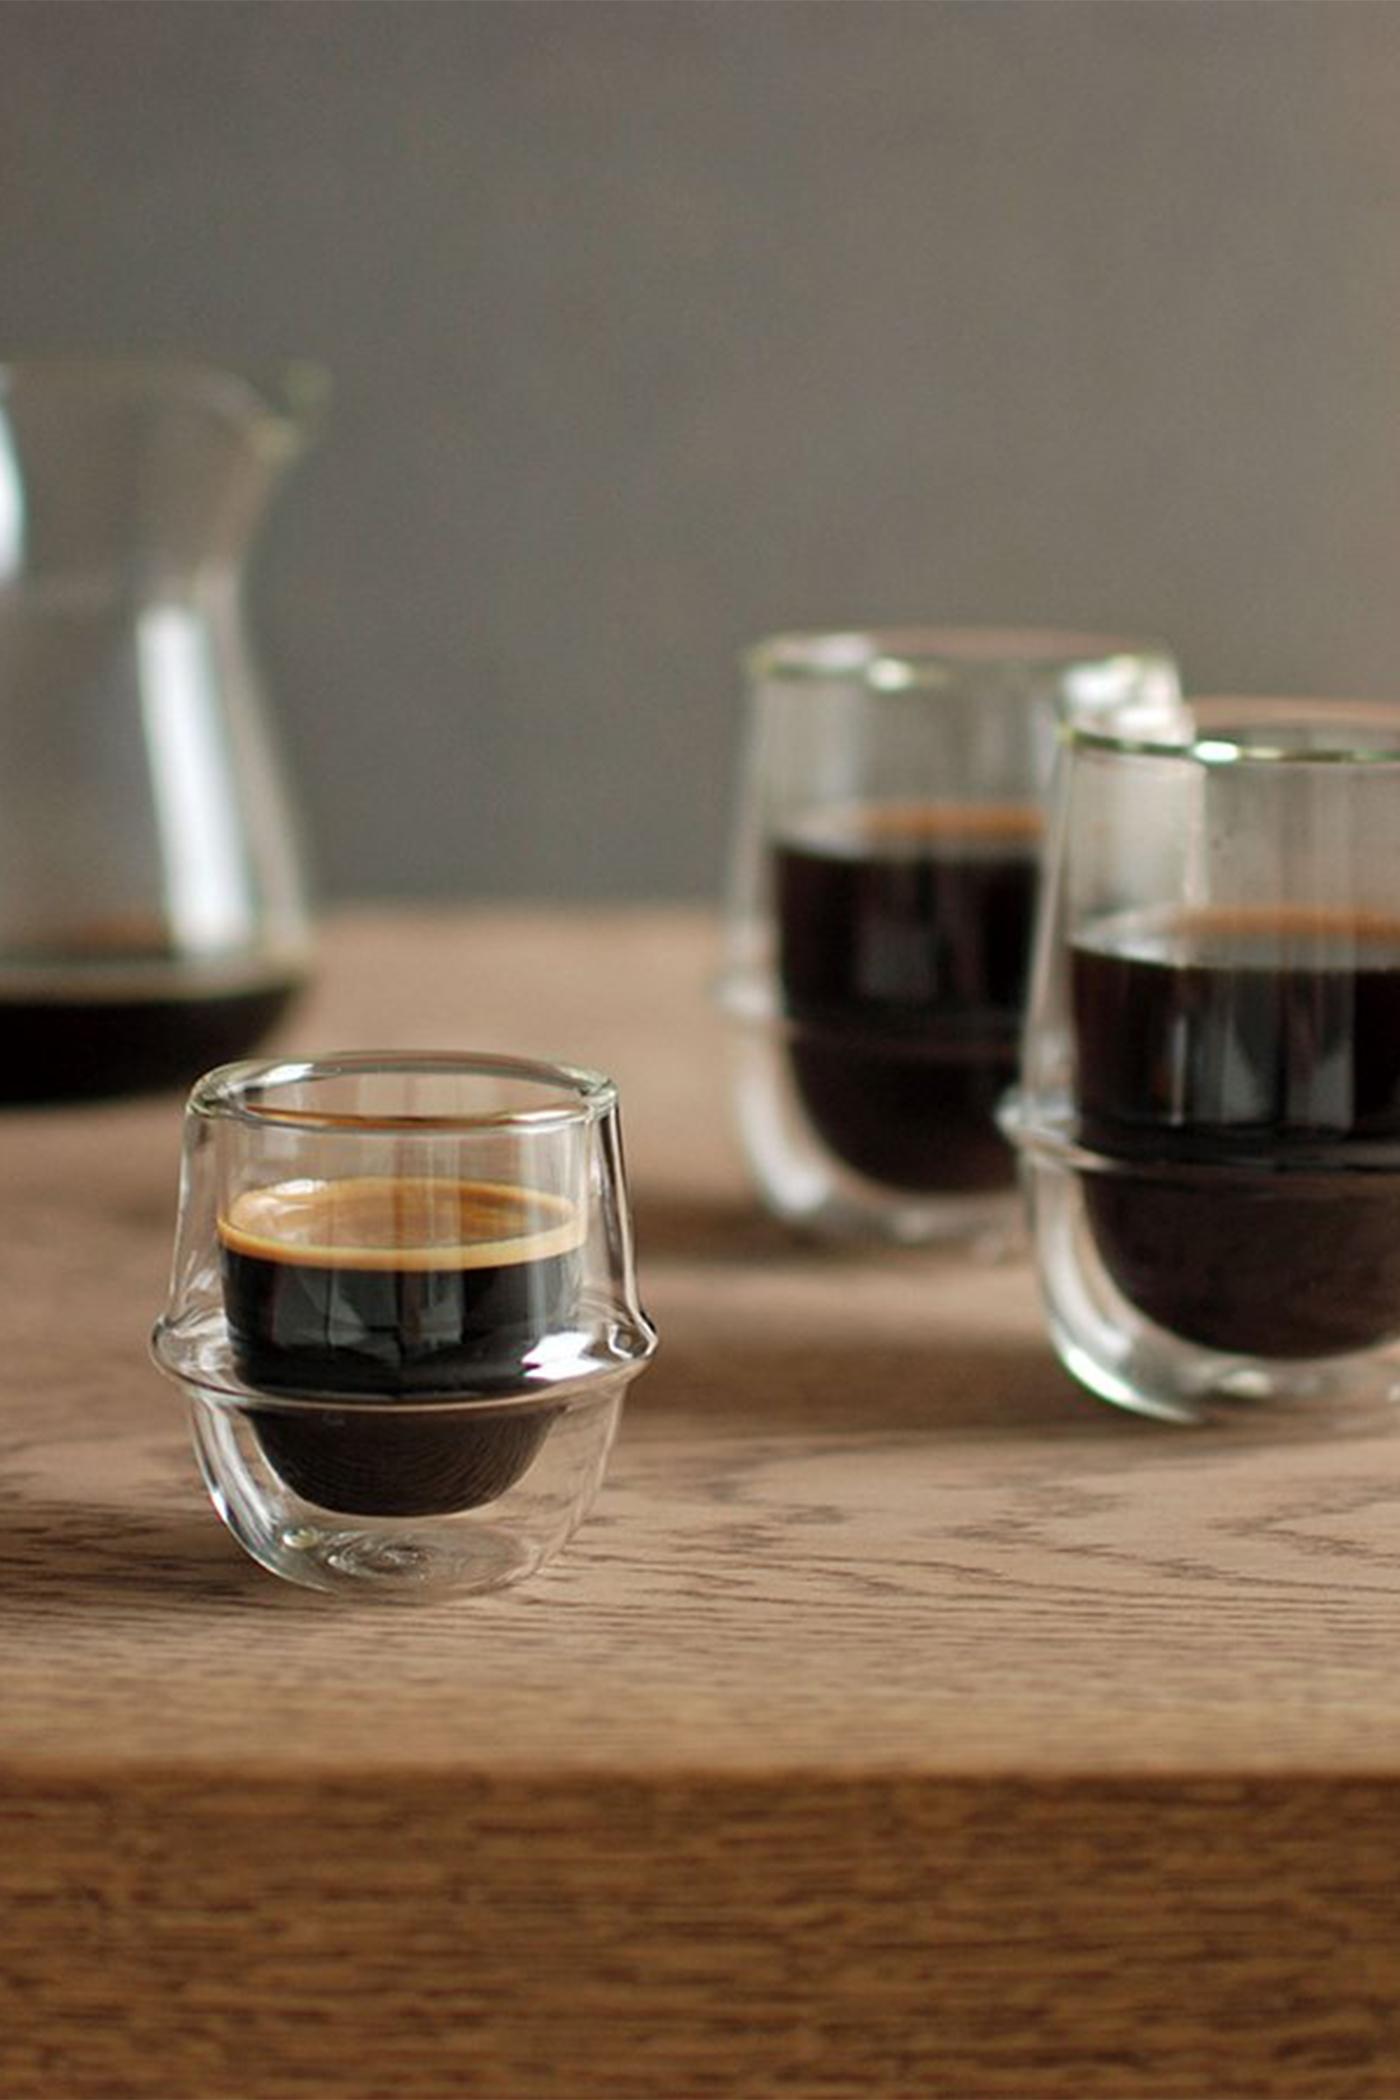 Kinto Kronos Double Wall Espresso Cup